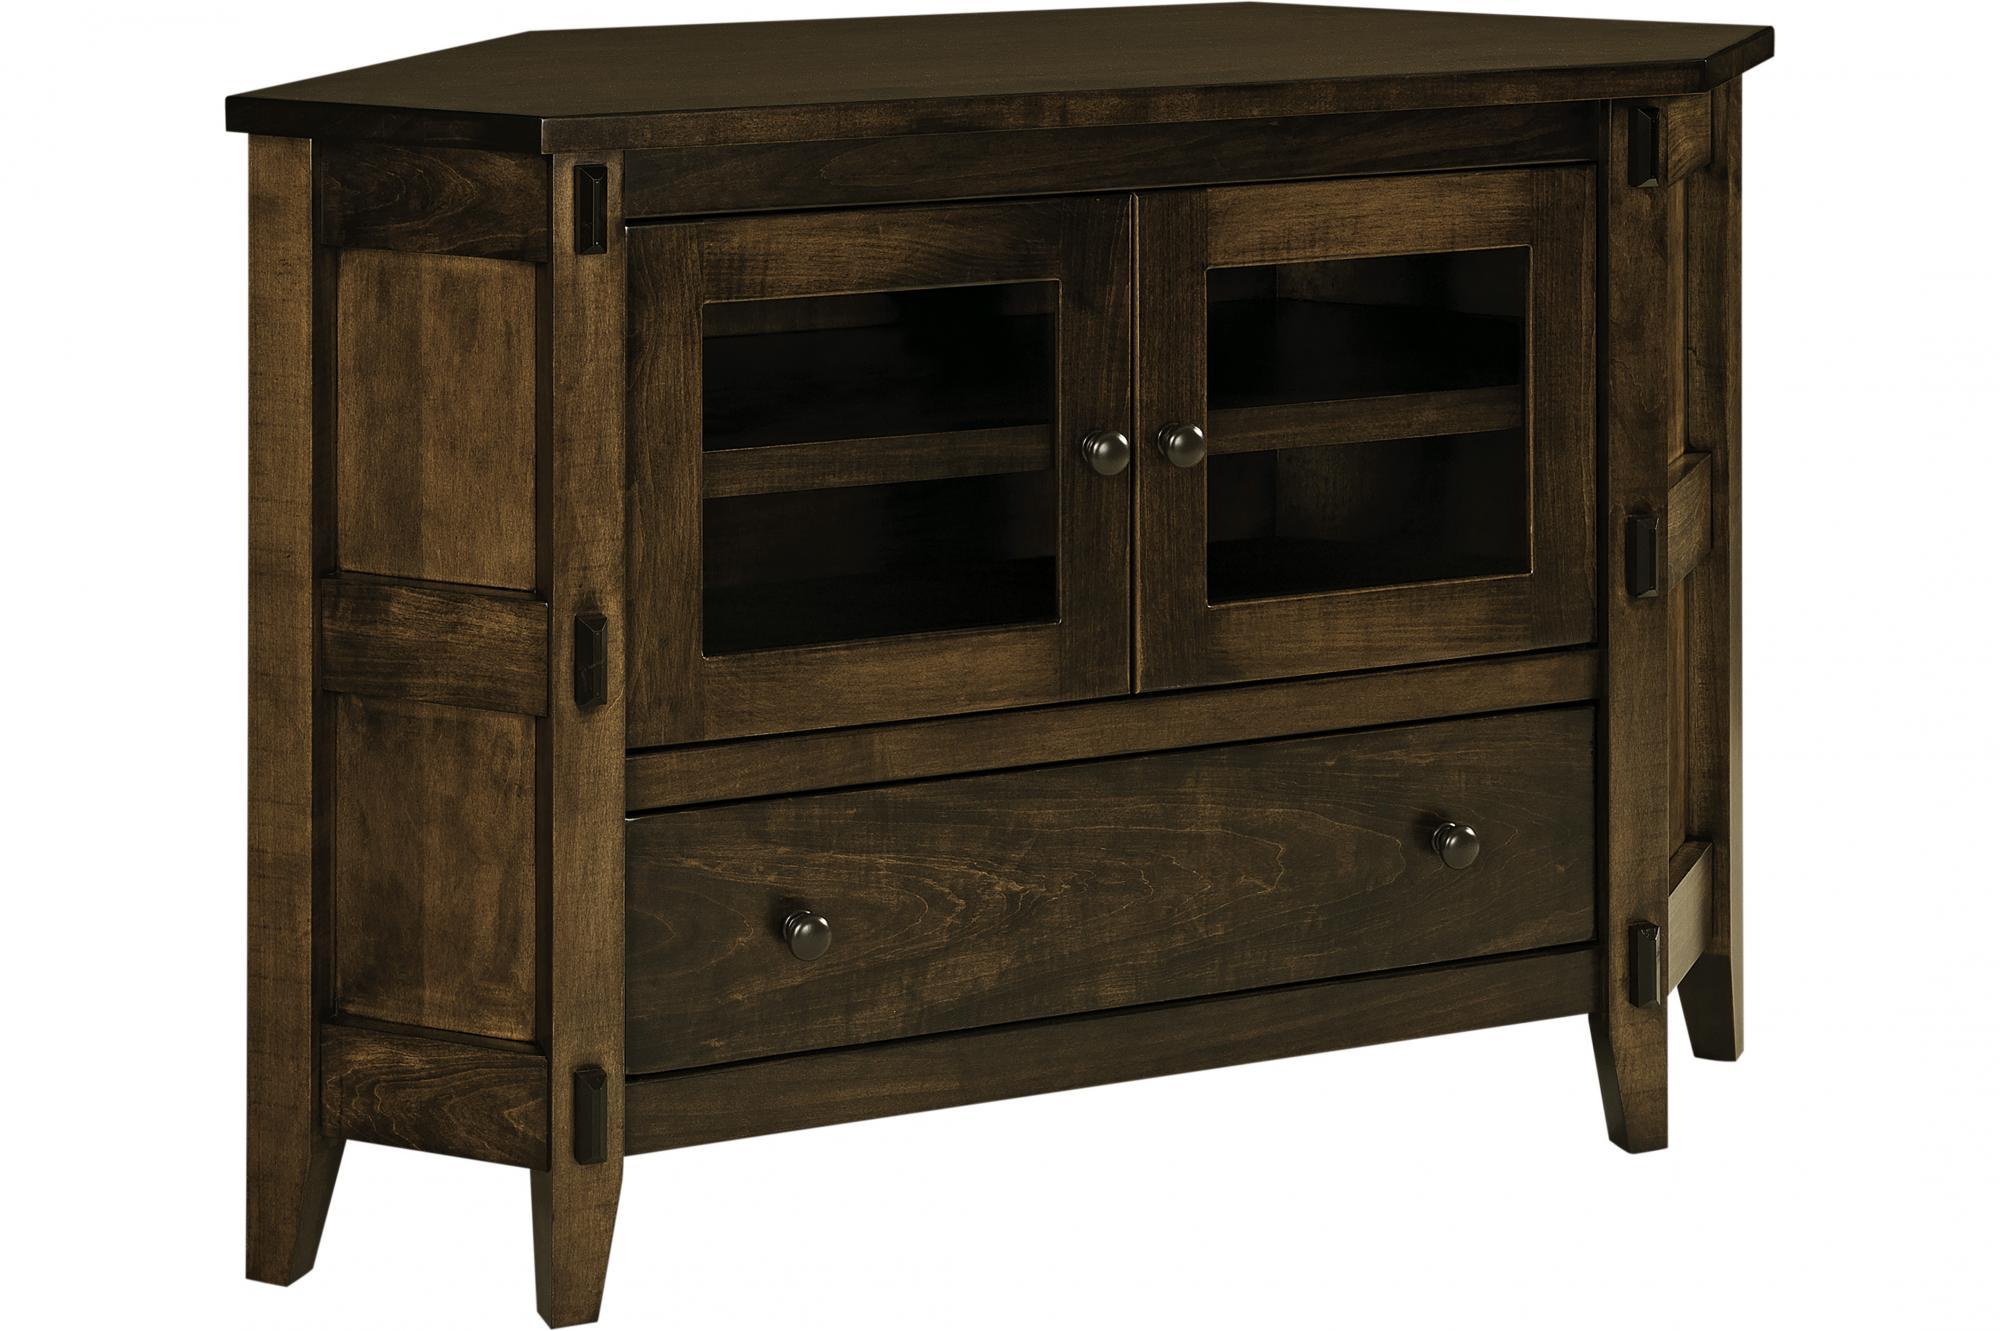 Bungalow Corner Console Amish Furniture Store Mankato Mn